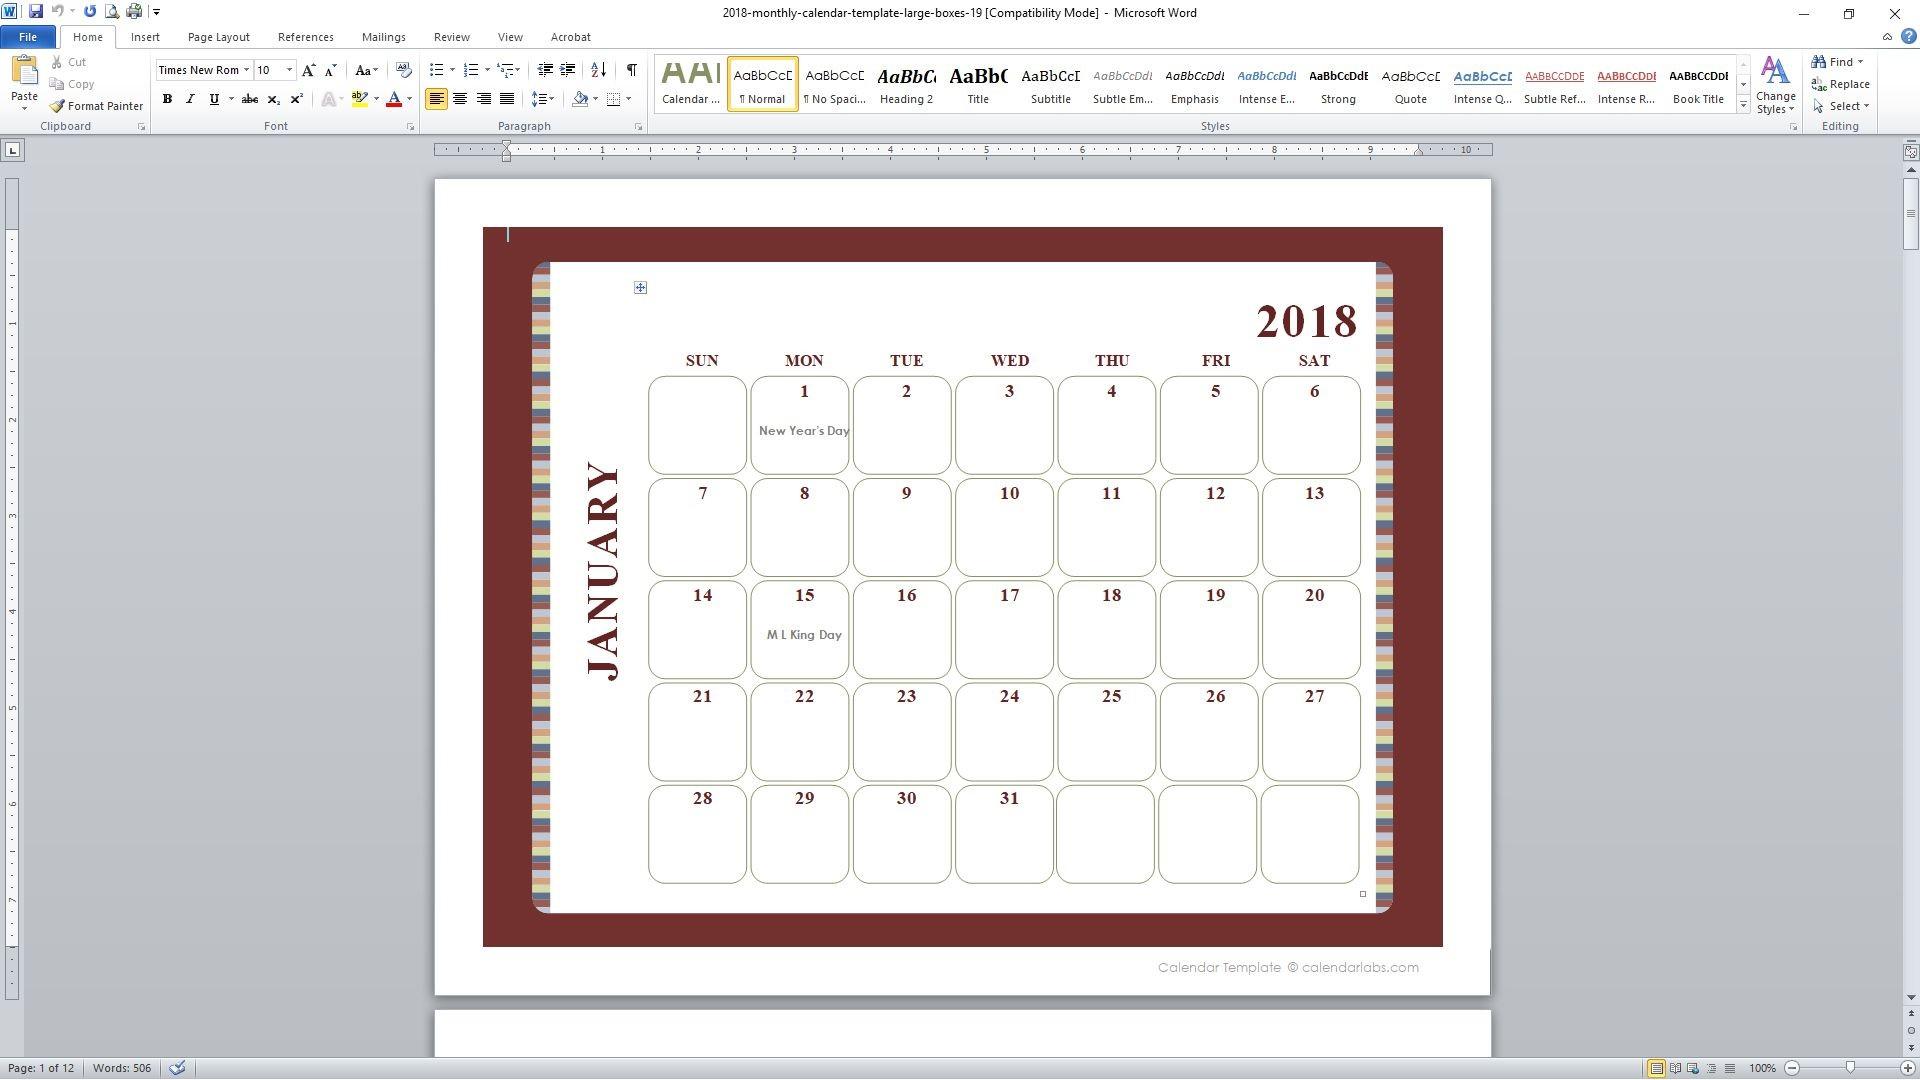 Descargar Calendario 2019 Word Actual 89 Free Calendar Templates for 2018 and Beyond